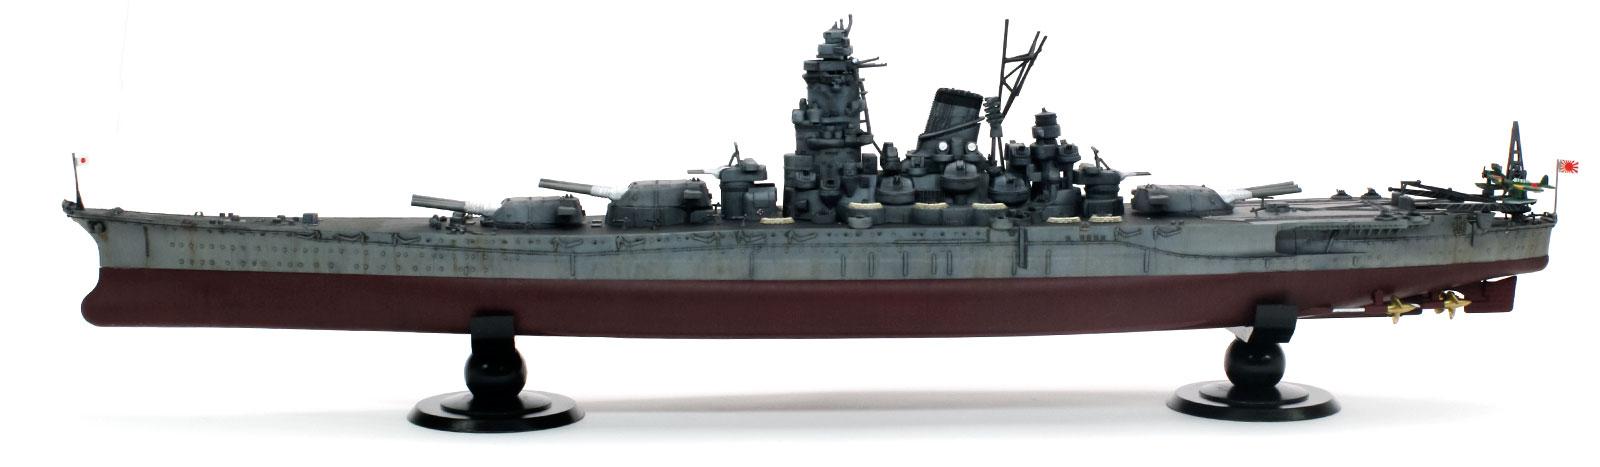 日本海軍・戦艦武蔵 1/700 フジミ